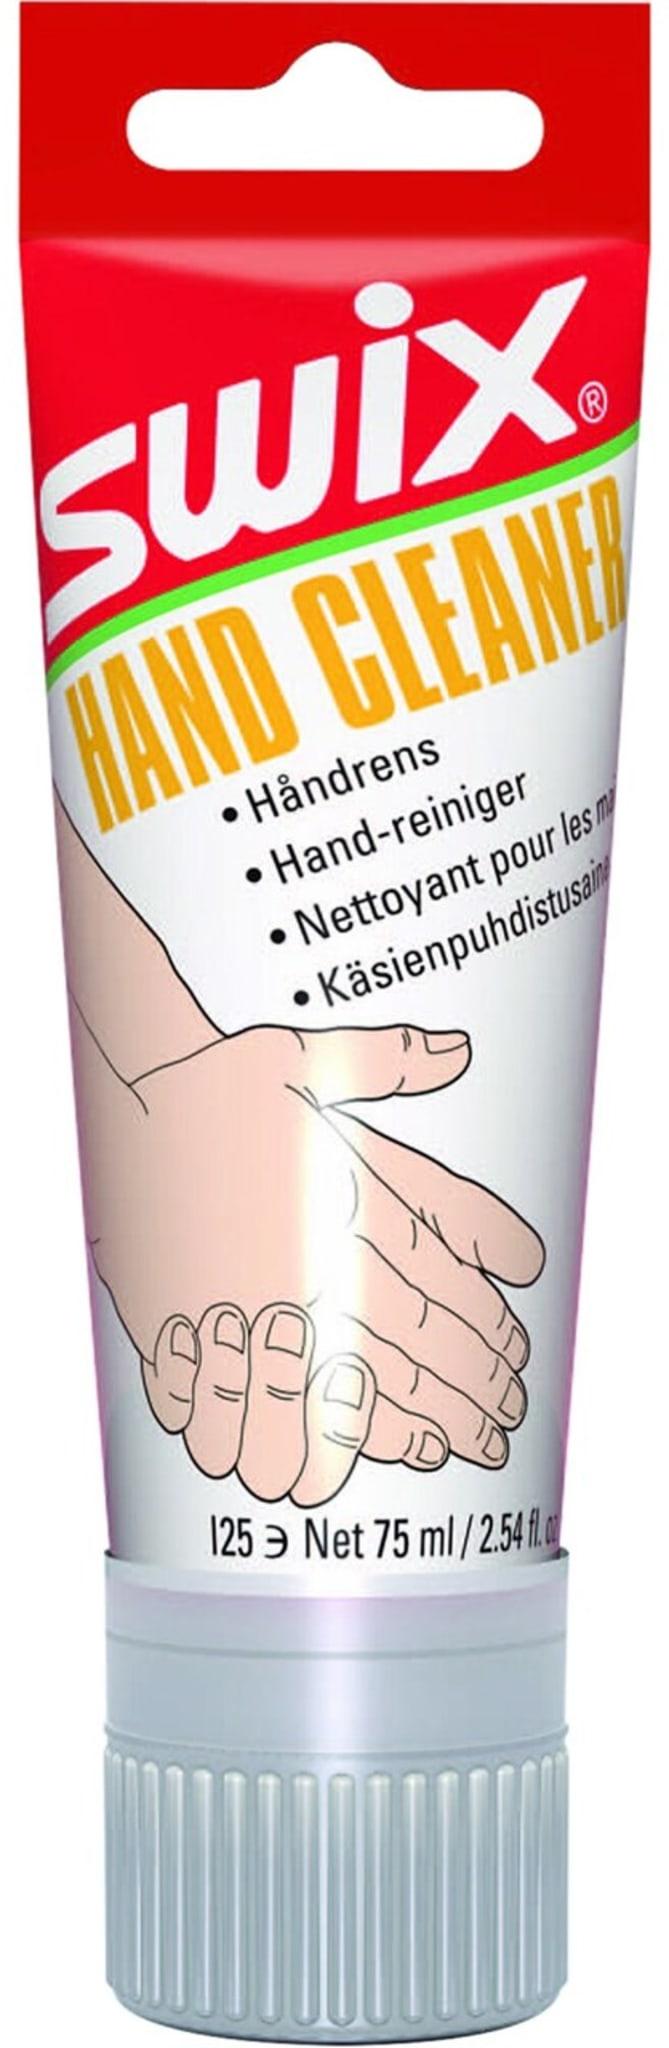 I25 Hand Cleaner 75 ml